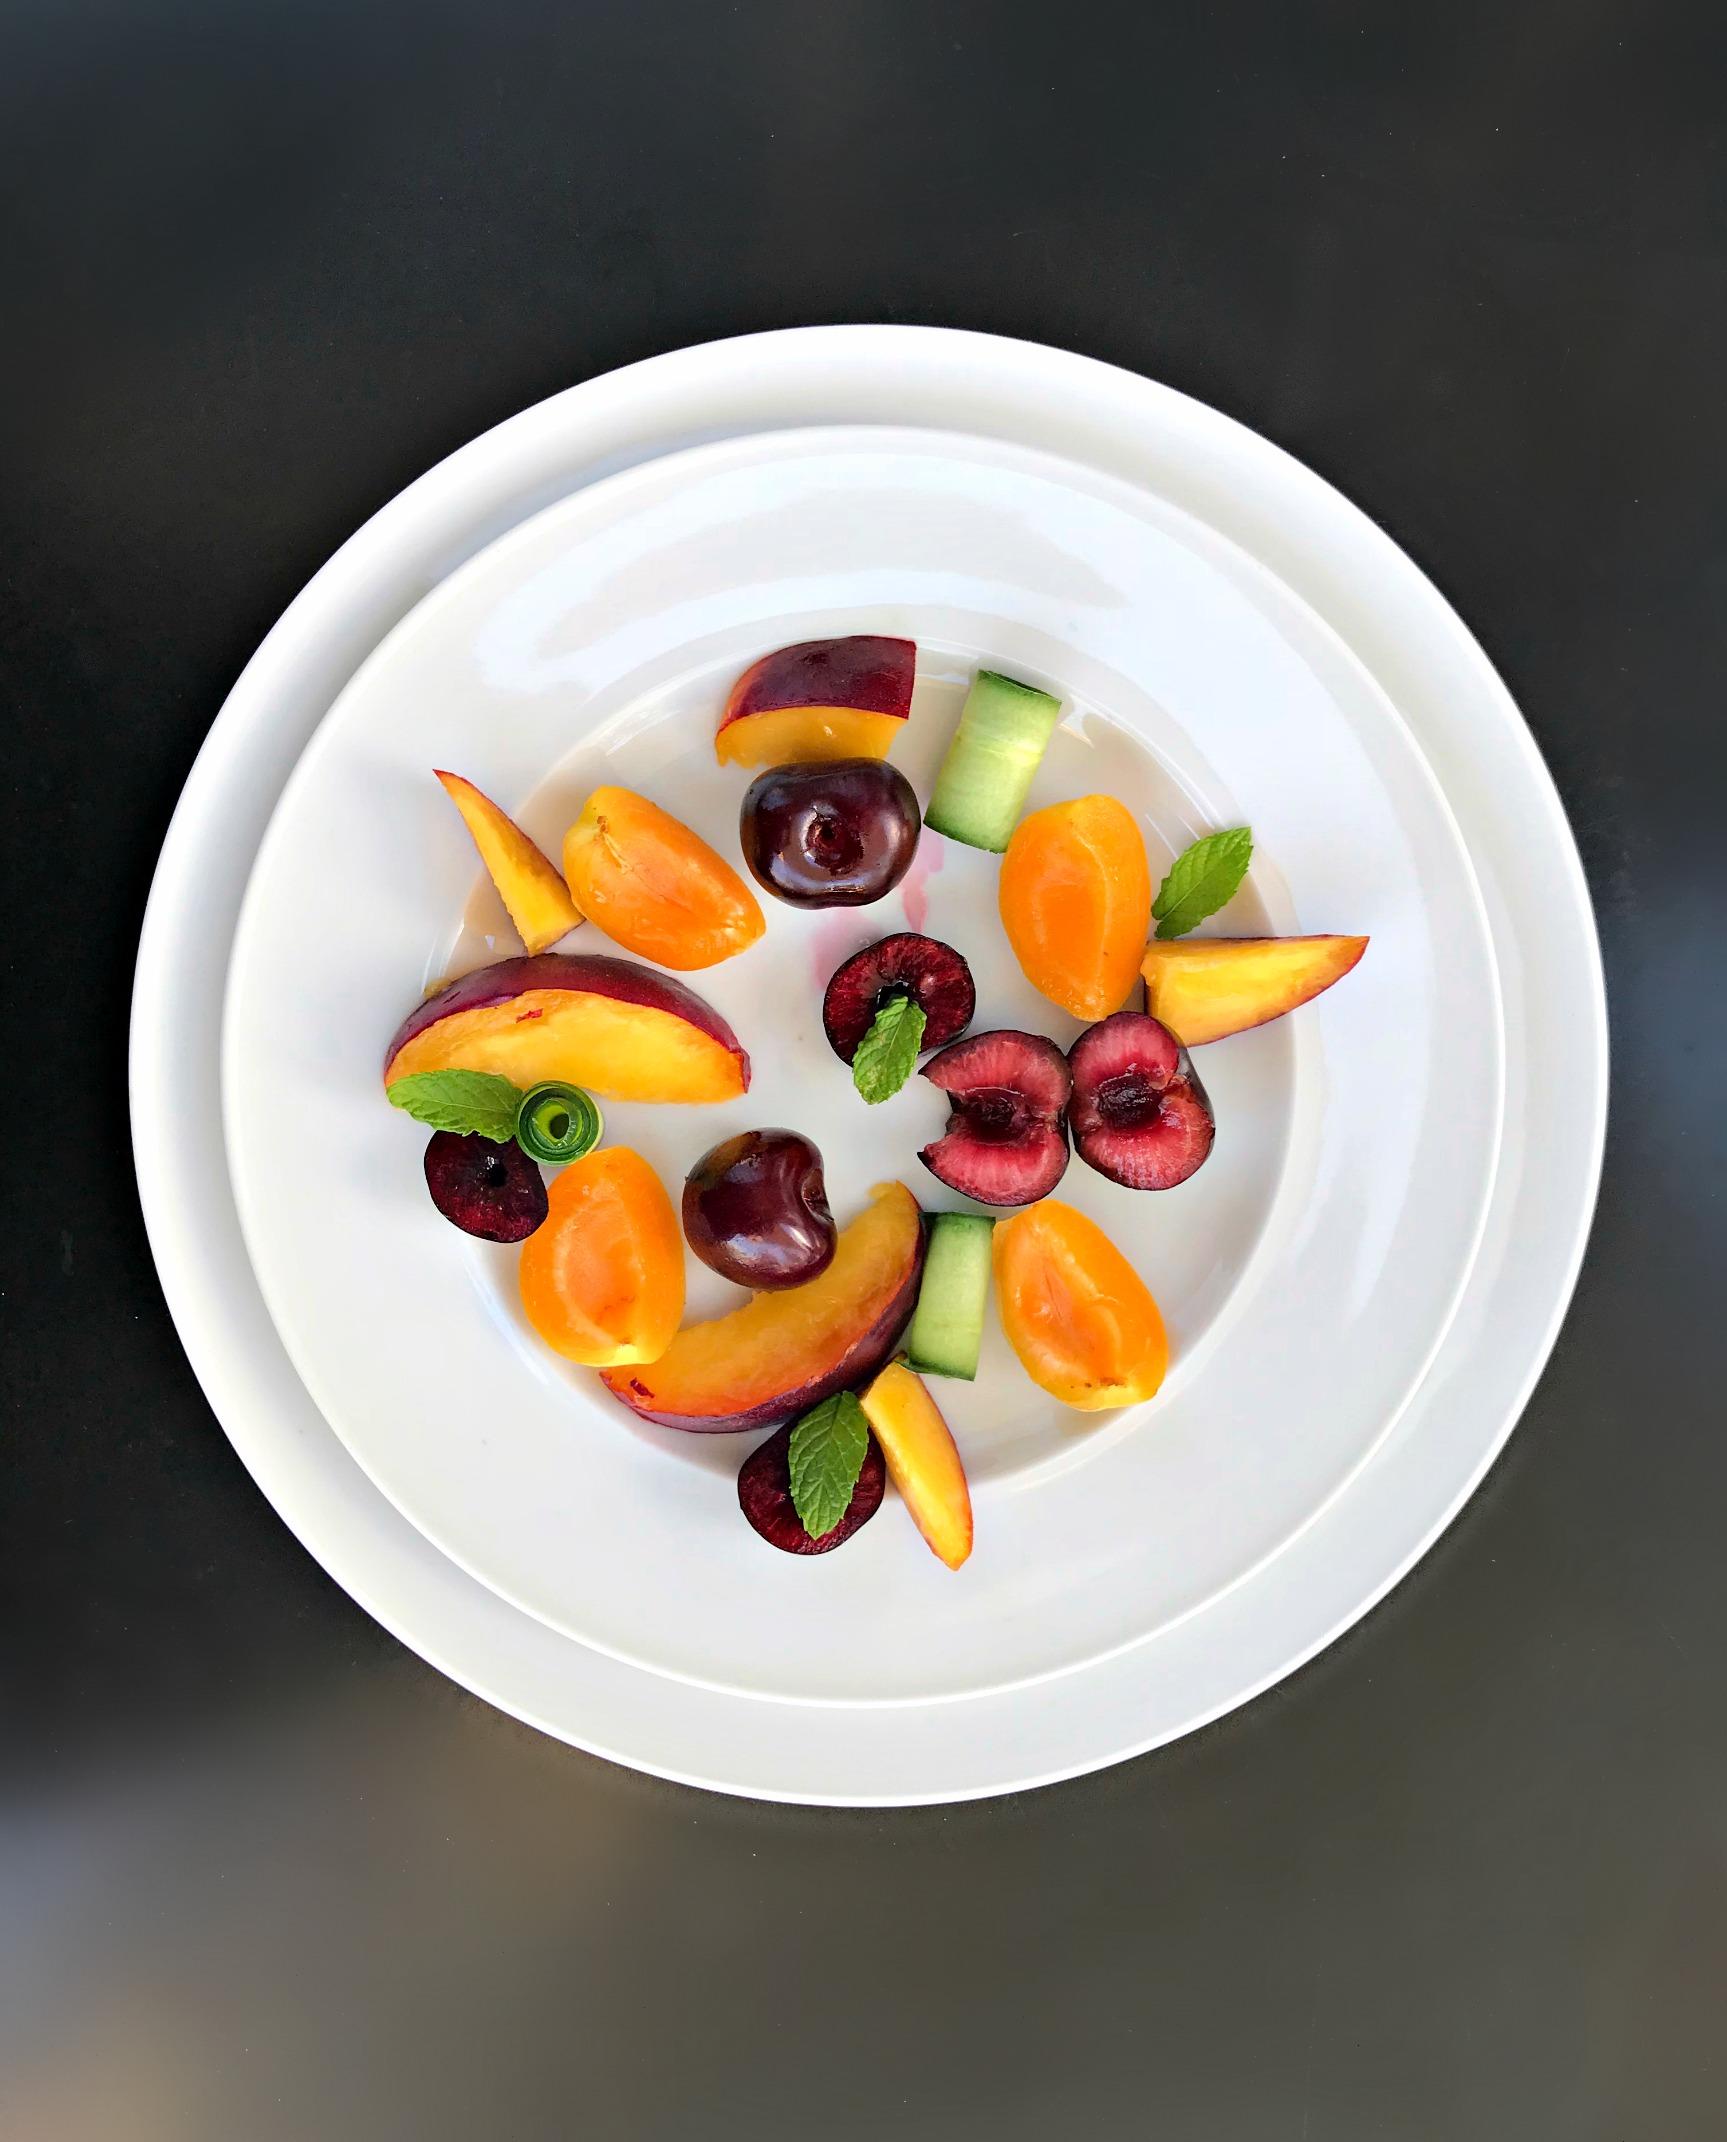 ετοιμάζοντας φρουτοσαλάτα με σάλτσα φρούτων